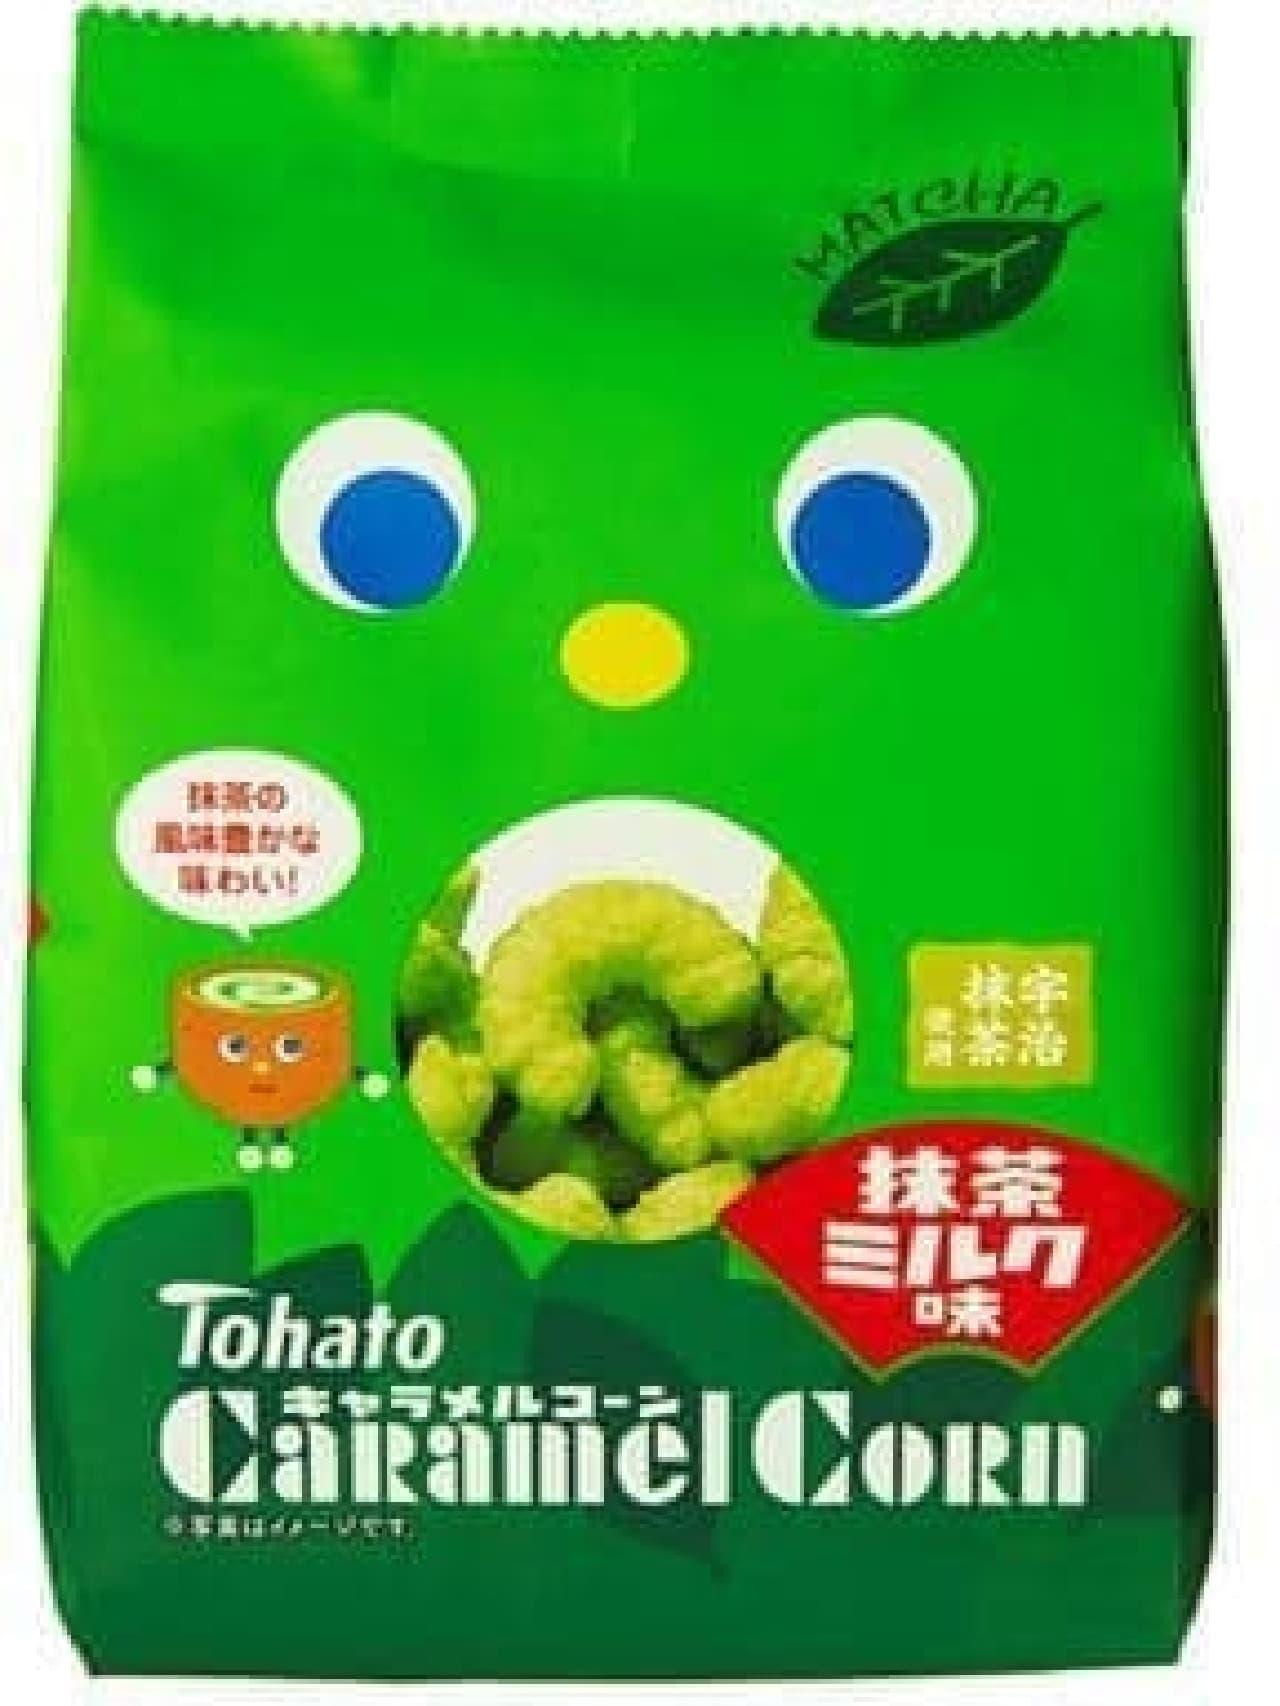 東ハト「キャラメルコーン・抹茶ミルク味」